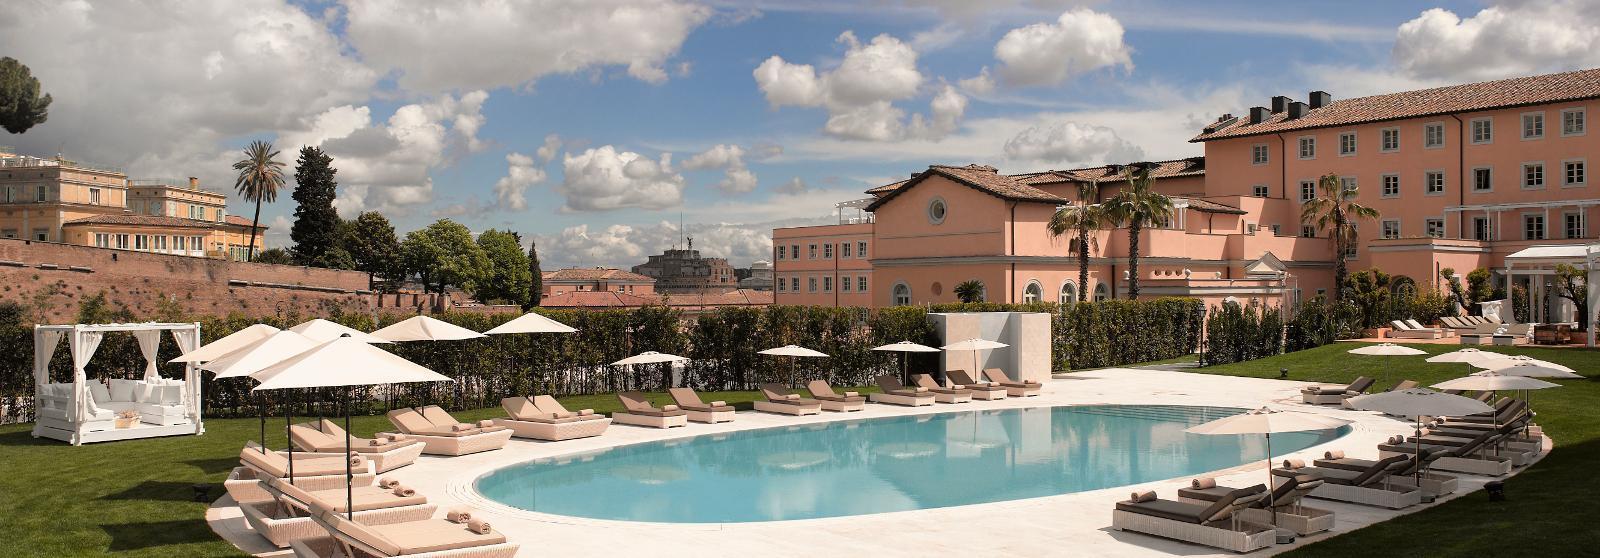 罗马梅丽亚阿格丽娉娜皇后别墅酒店(Gran Melia Rome Villa Agrippina)【 罗马,意大利】 酒店  www.lhw.cn